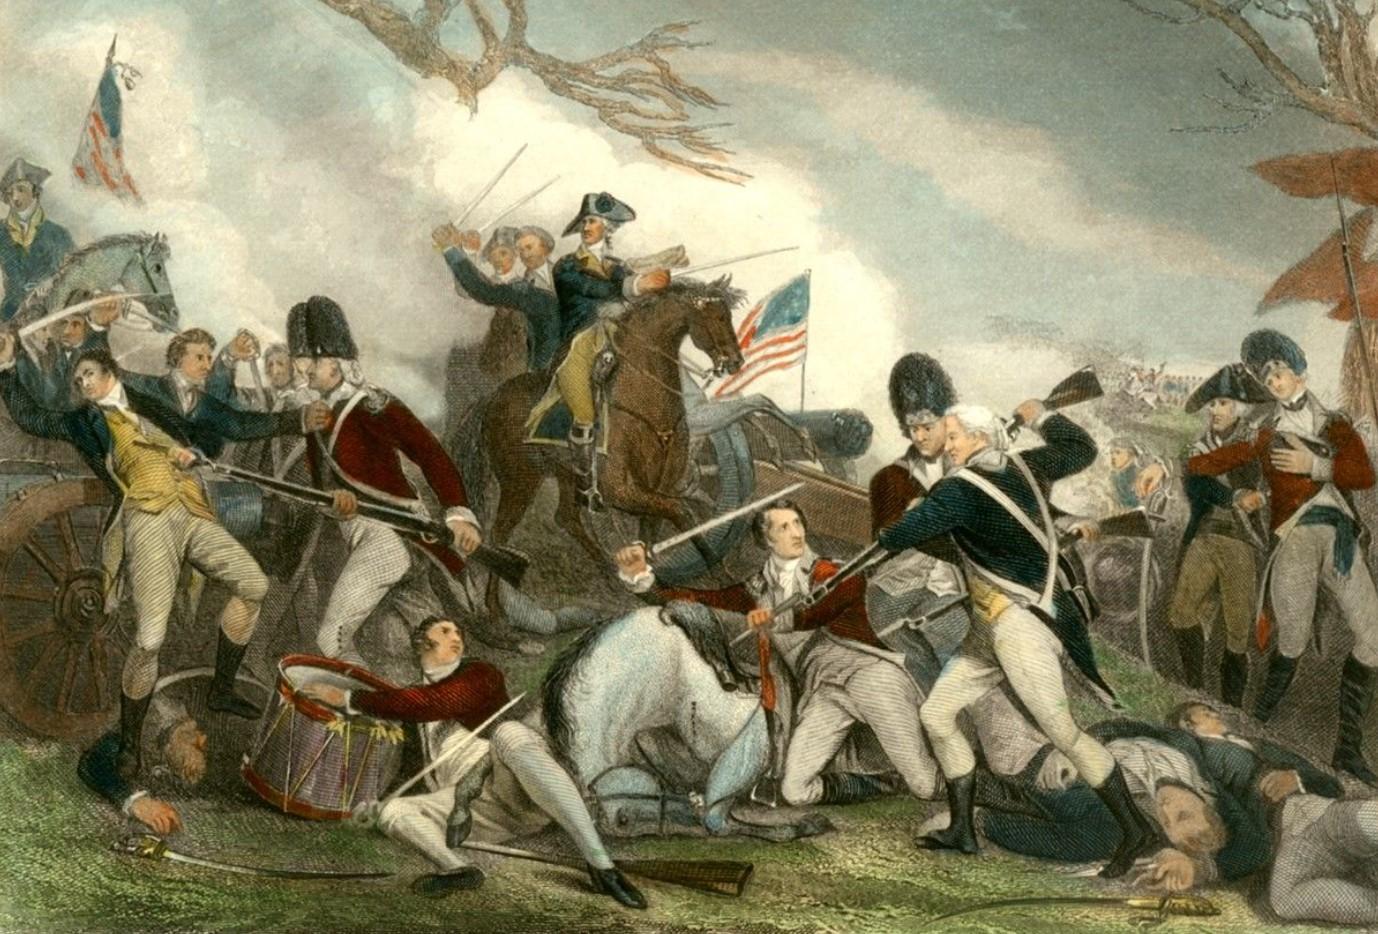 Gambar Thumbnail Revolusi Amerika